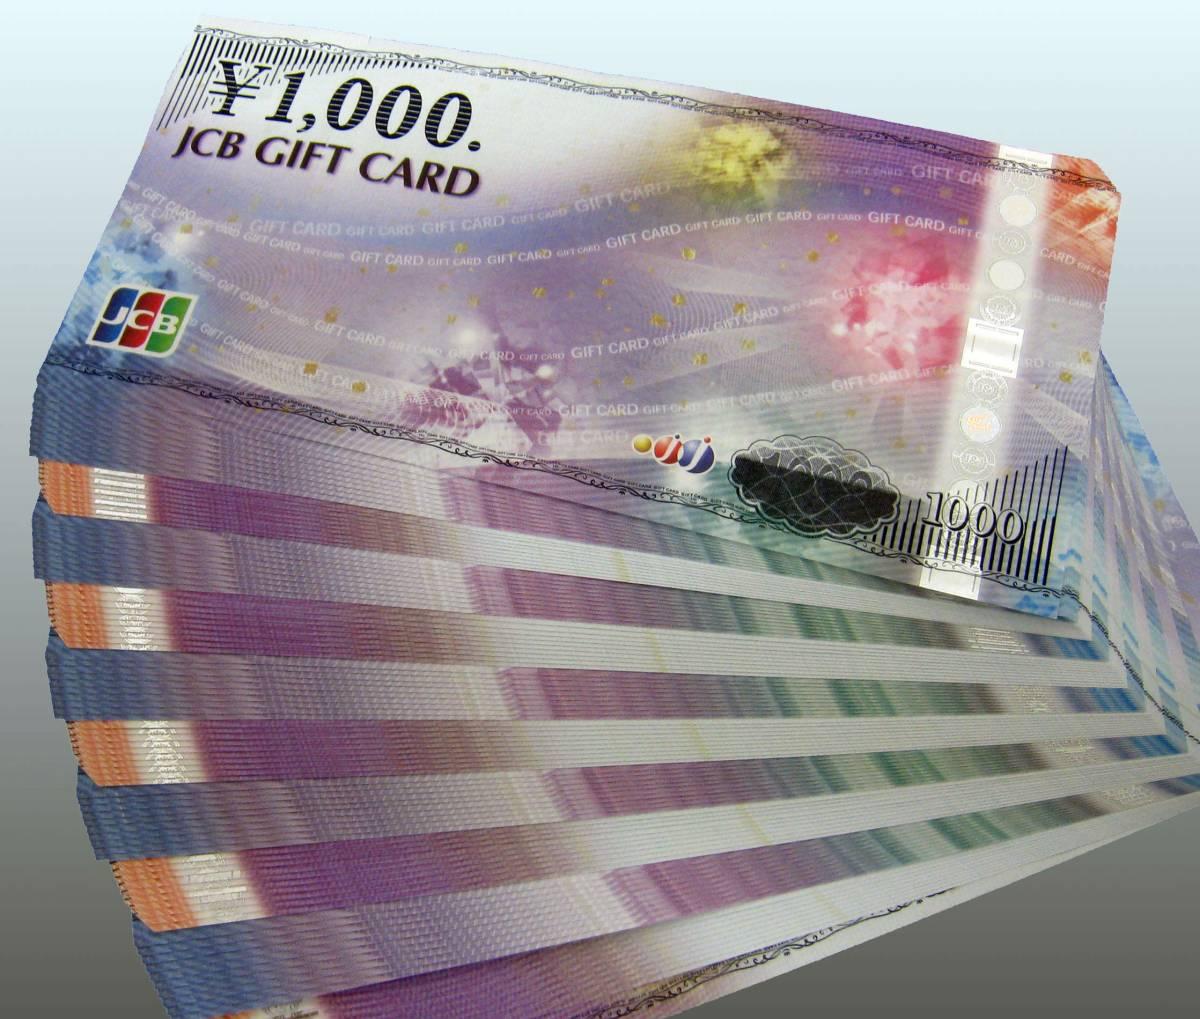 JCB ギフトカード ◆ ご相談ください ◆ 買取・即日対応 ◆ 1000円券 商品券 ギフト券_画像1